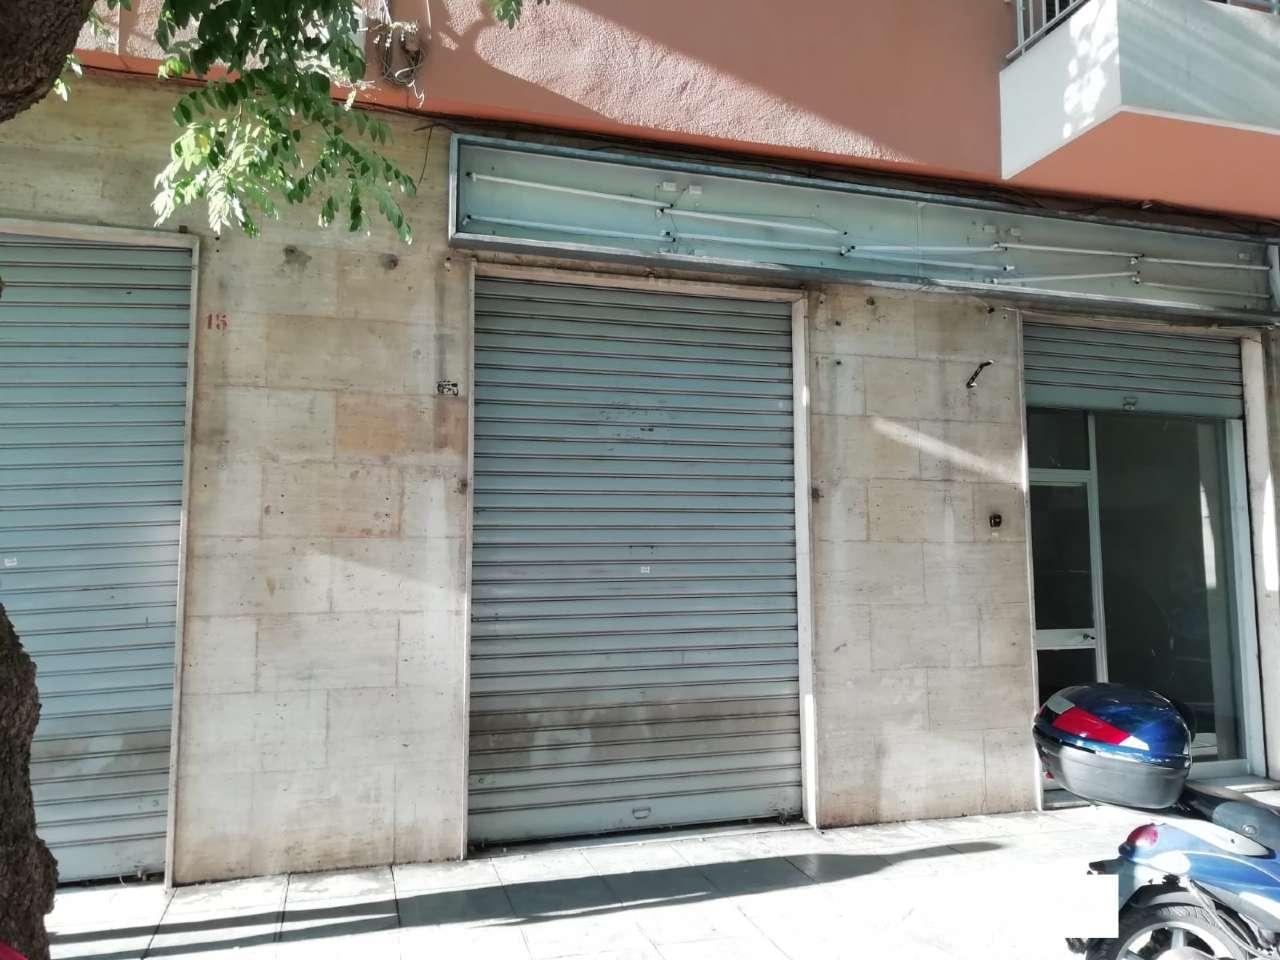 Negozio-locale in Affitto a Palermo Centro: 1 locali, 60 mq